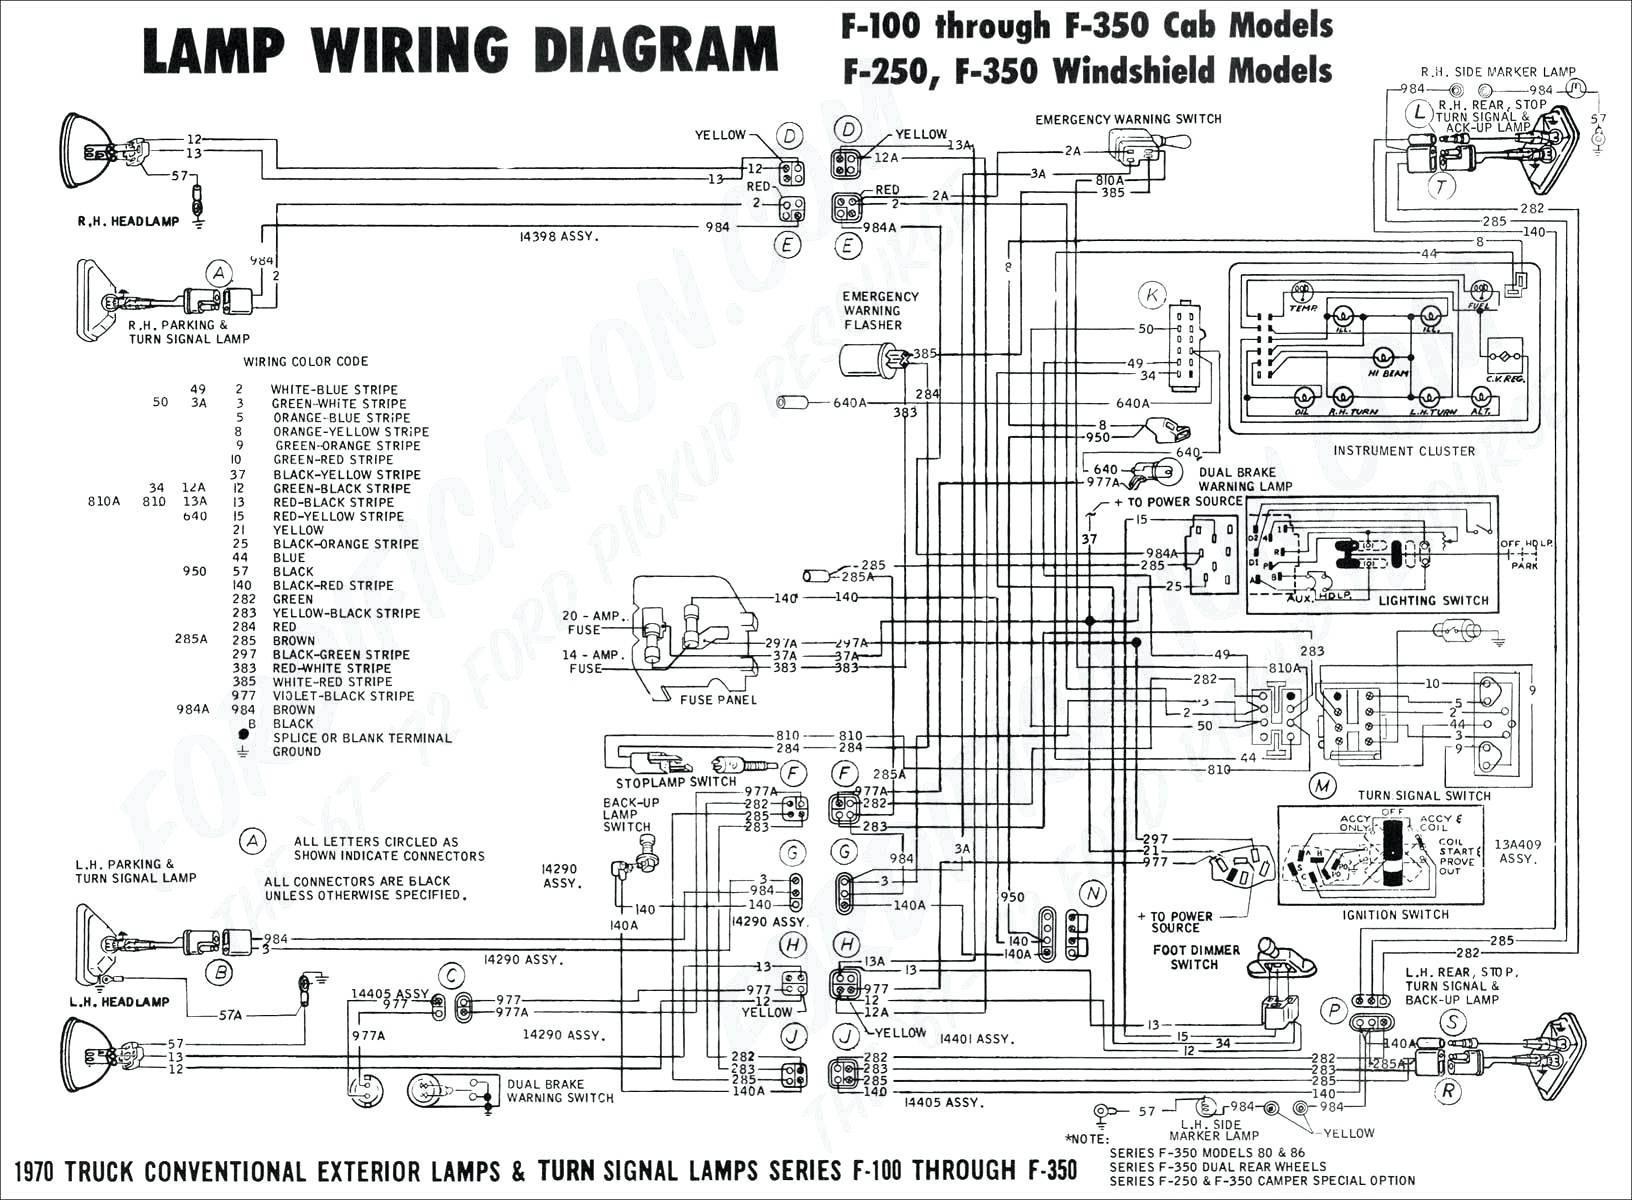 2004 Chevy Silverado Wiring Diagram Unique 2005 Chevy Silverado Tail Light Wiring Diagram Unique Prepossessing